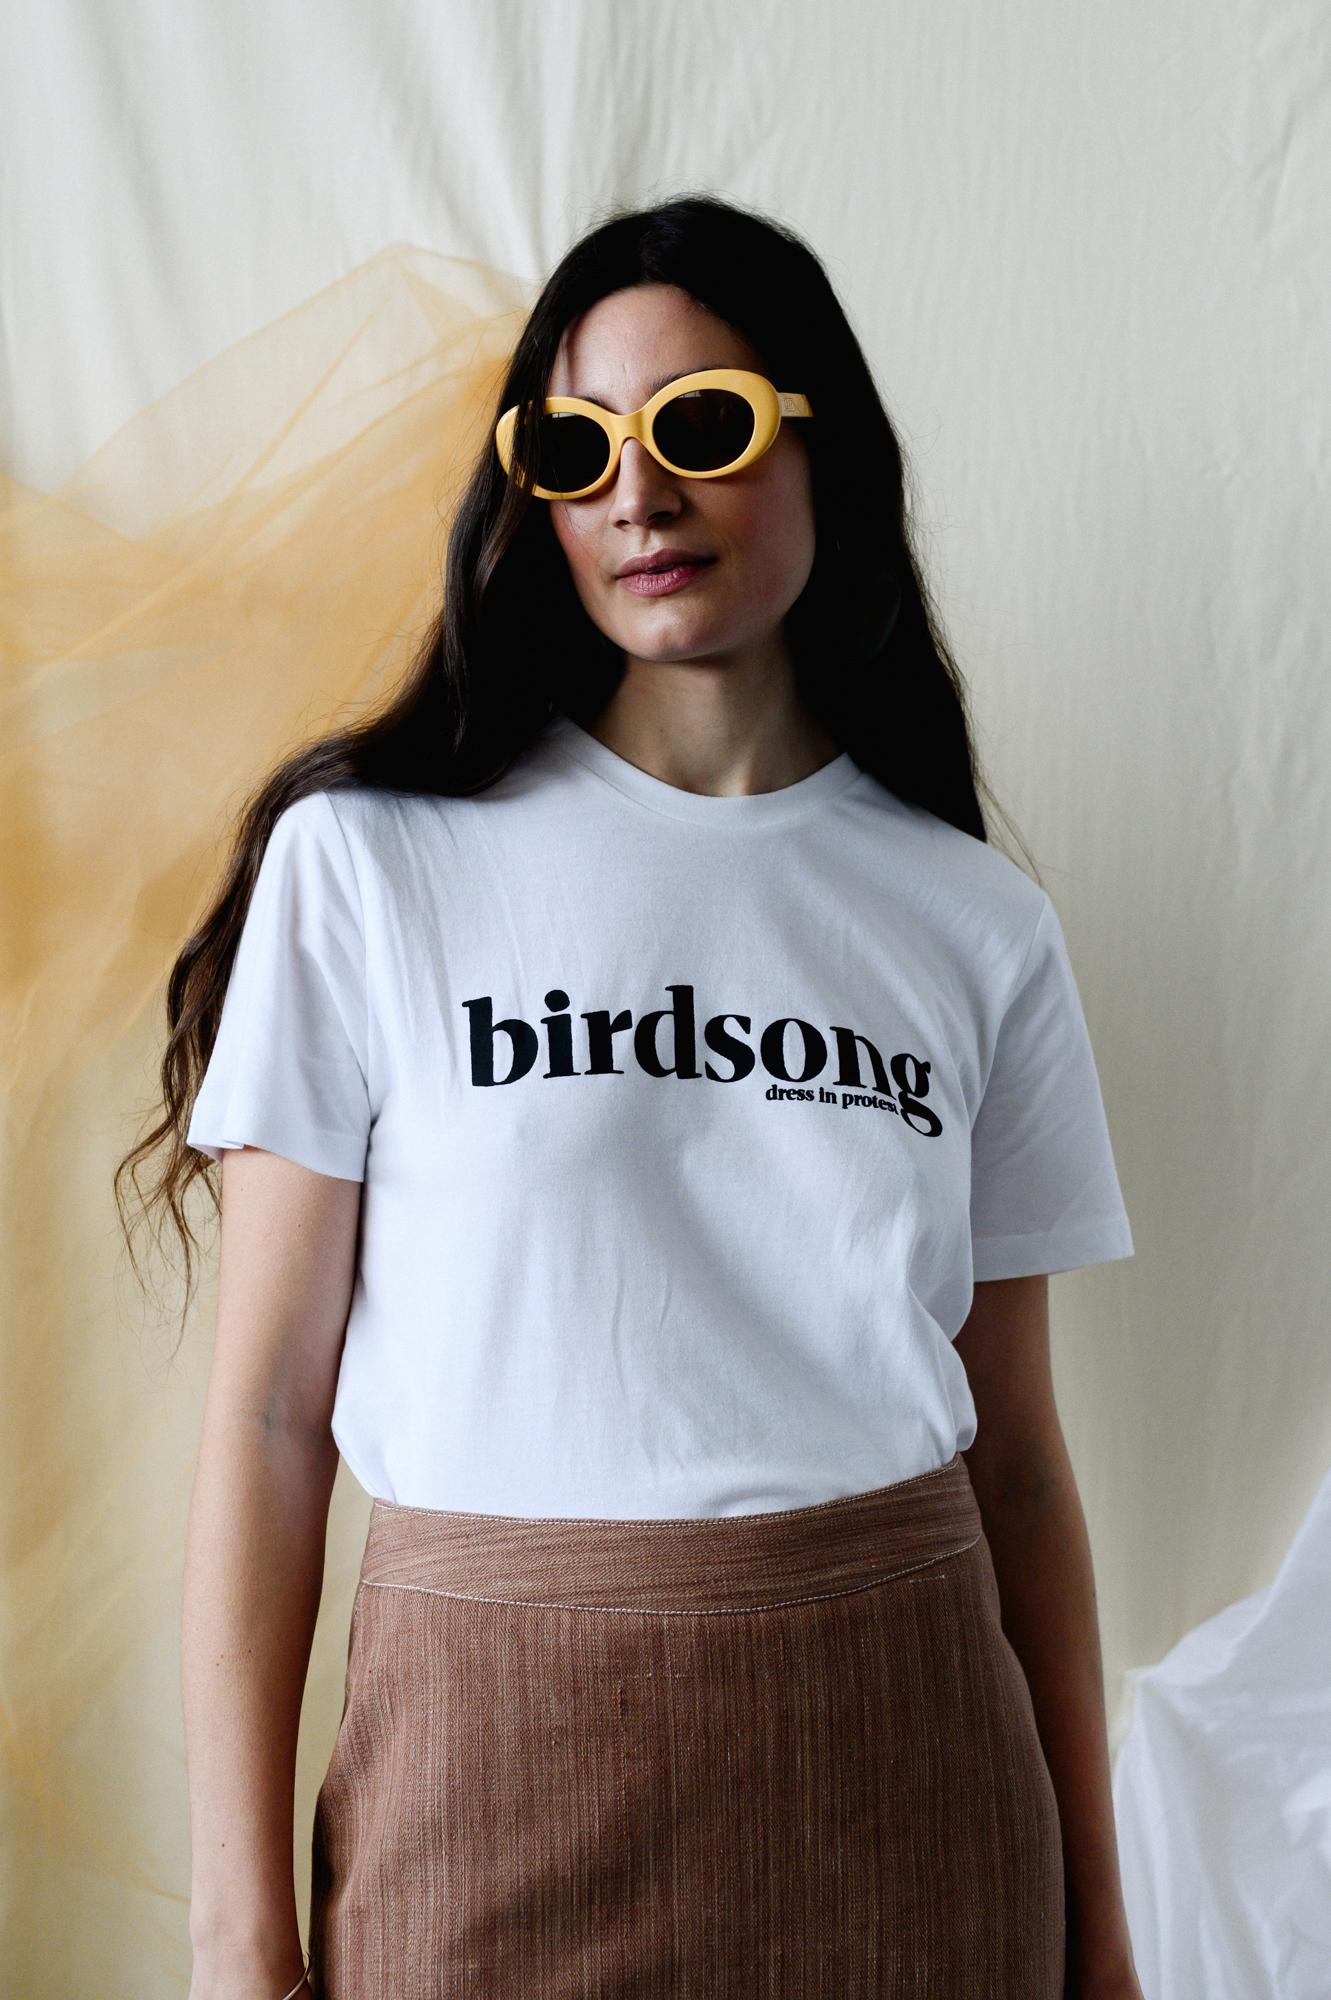 Birdsong SS19 by Rachel Manns